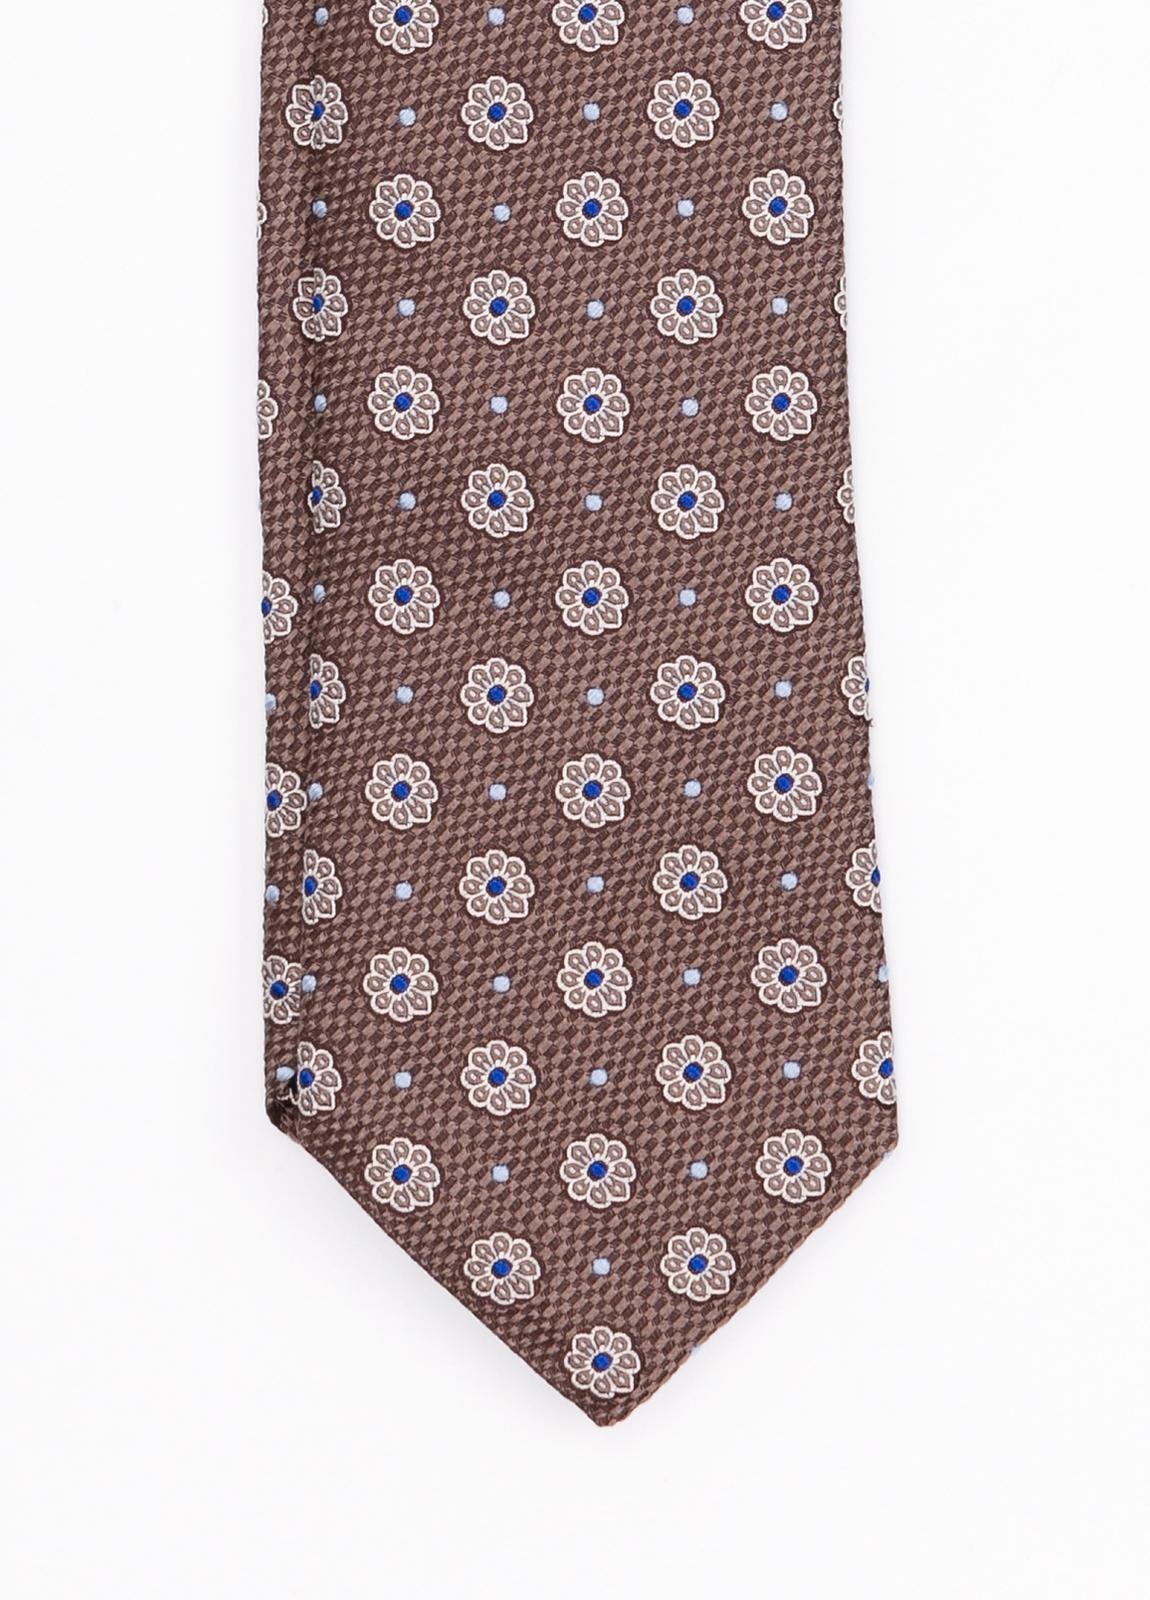 Corbata Formal Wear estampado flores, color marrón. Pala 7,5 cm. 100% Seda. - Ítem1